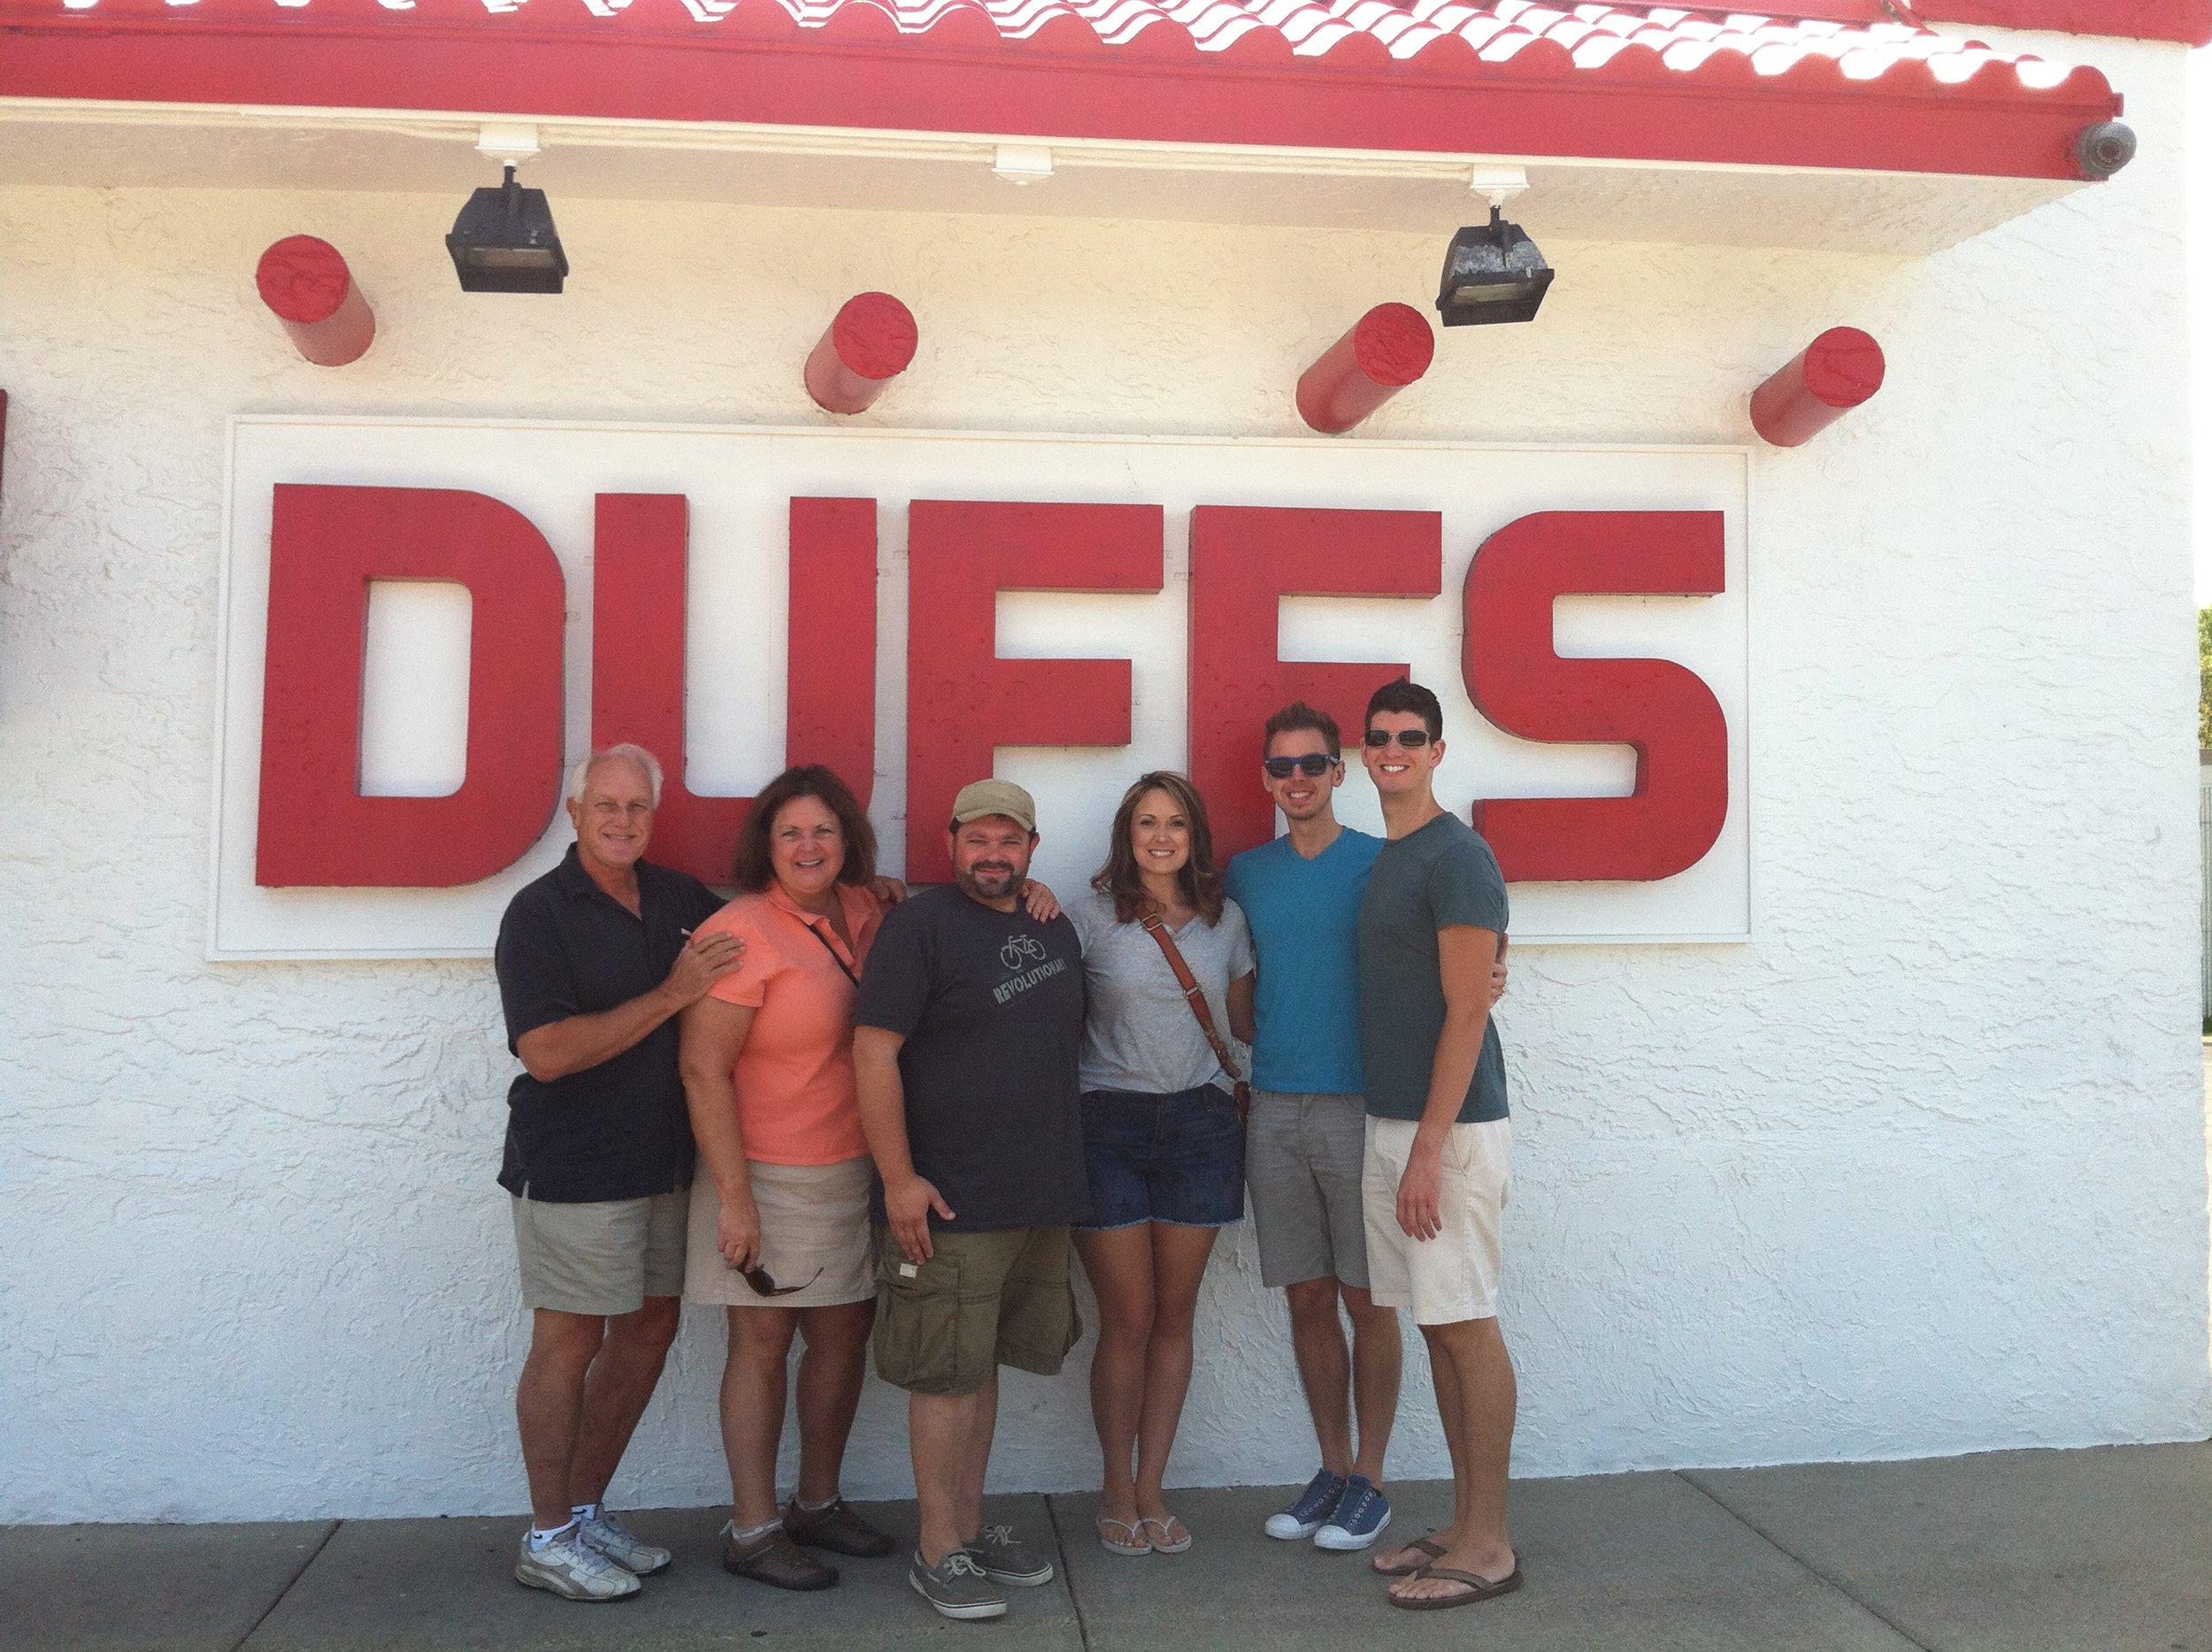 Duffs 6